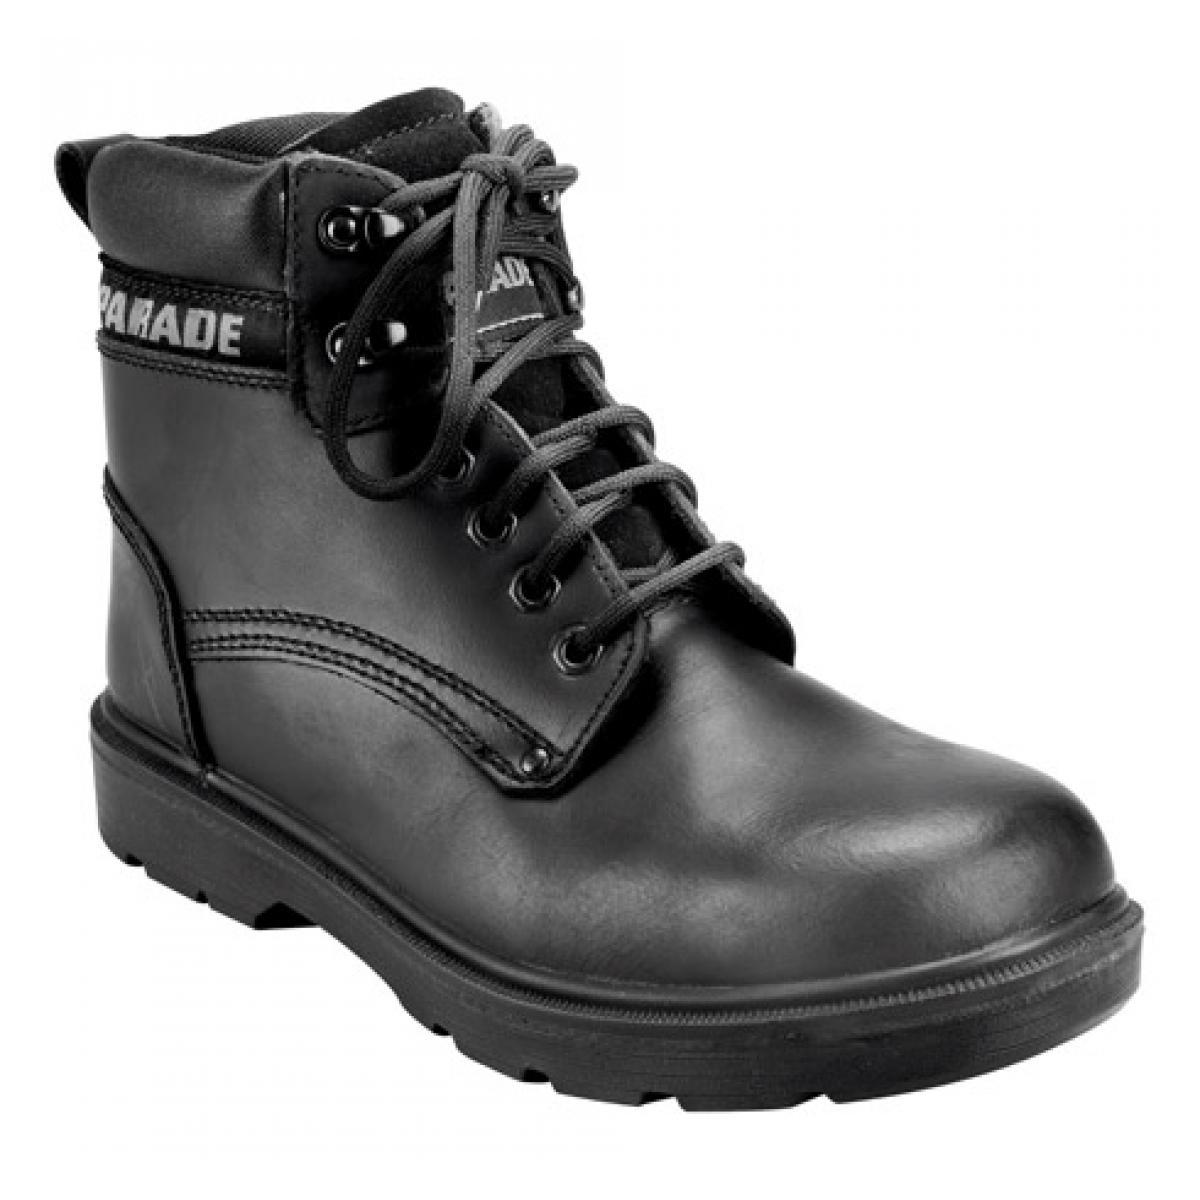 Parade Paire de chaussures brodequins Parade Kansas - noir - Pointure 42